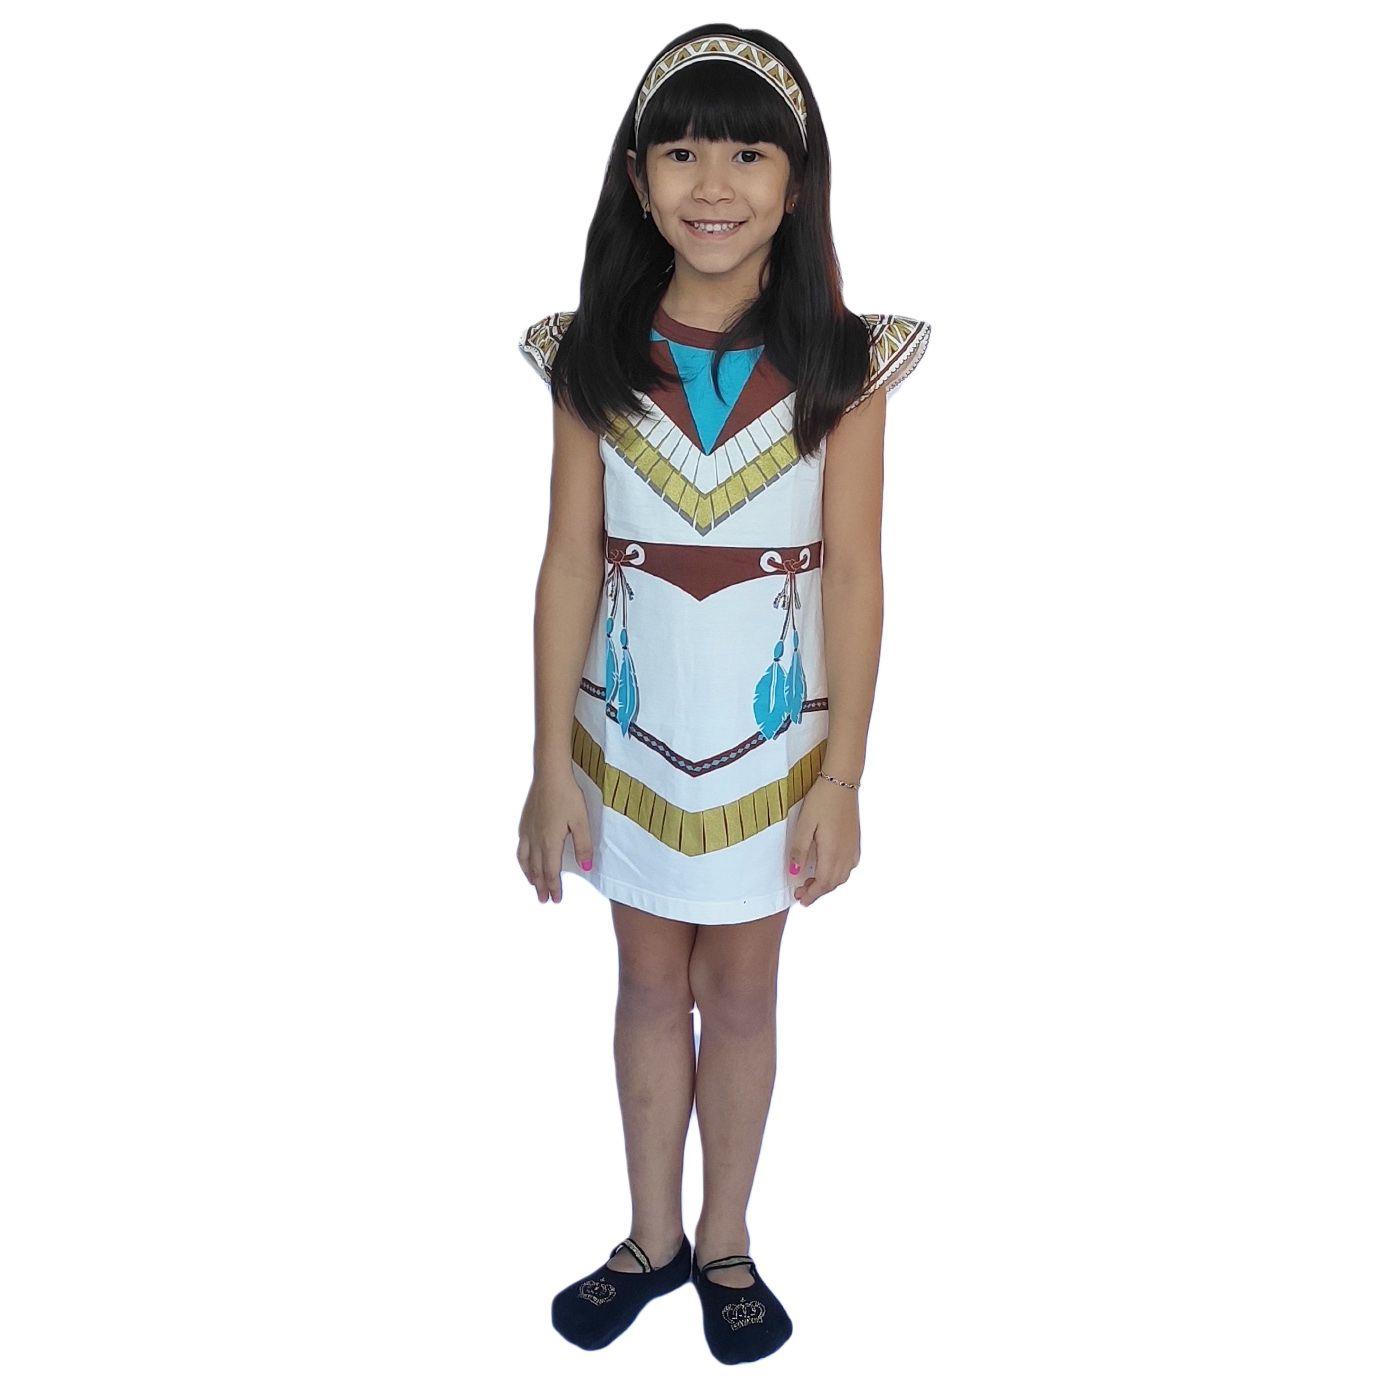 Camisola infantil pocahontas acompanha faixa cabelo